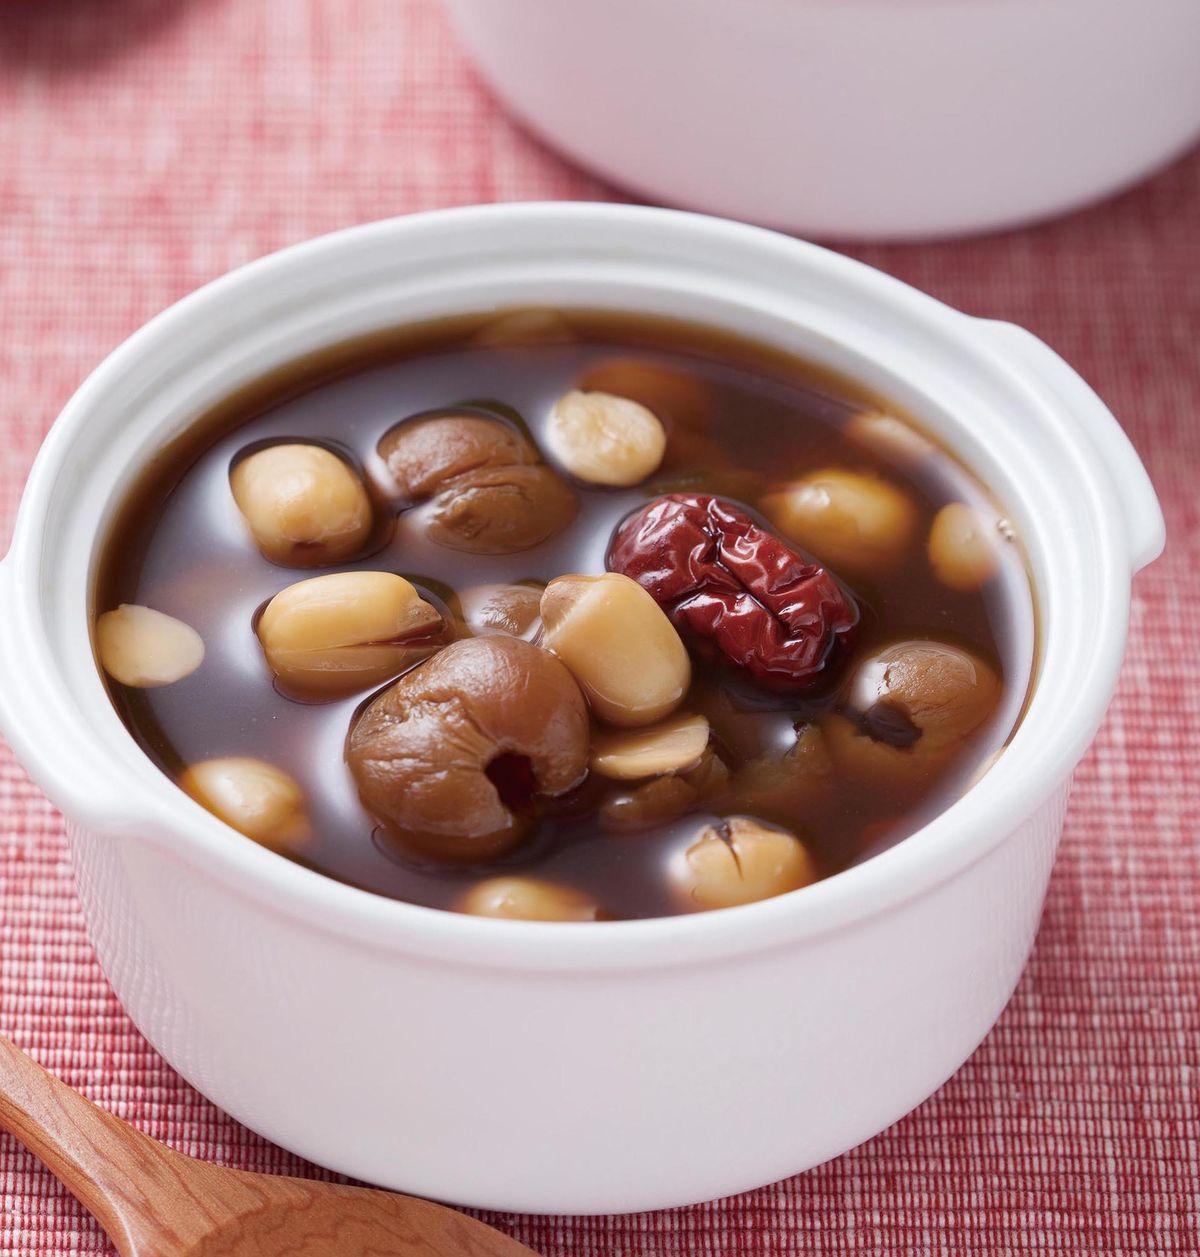 食譜:杏仁紅棗桂圓湯